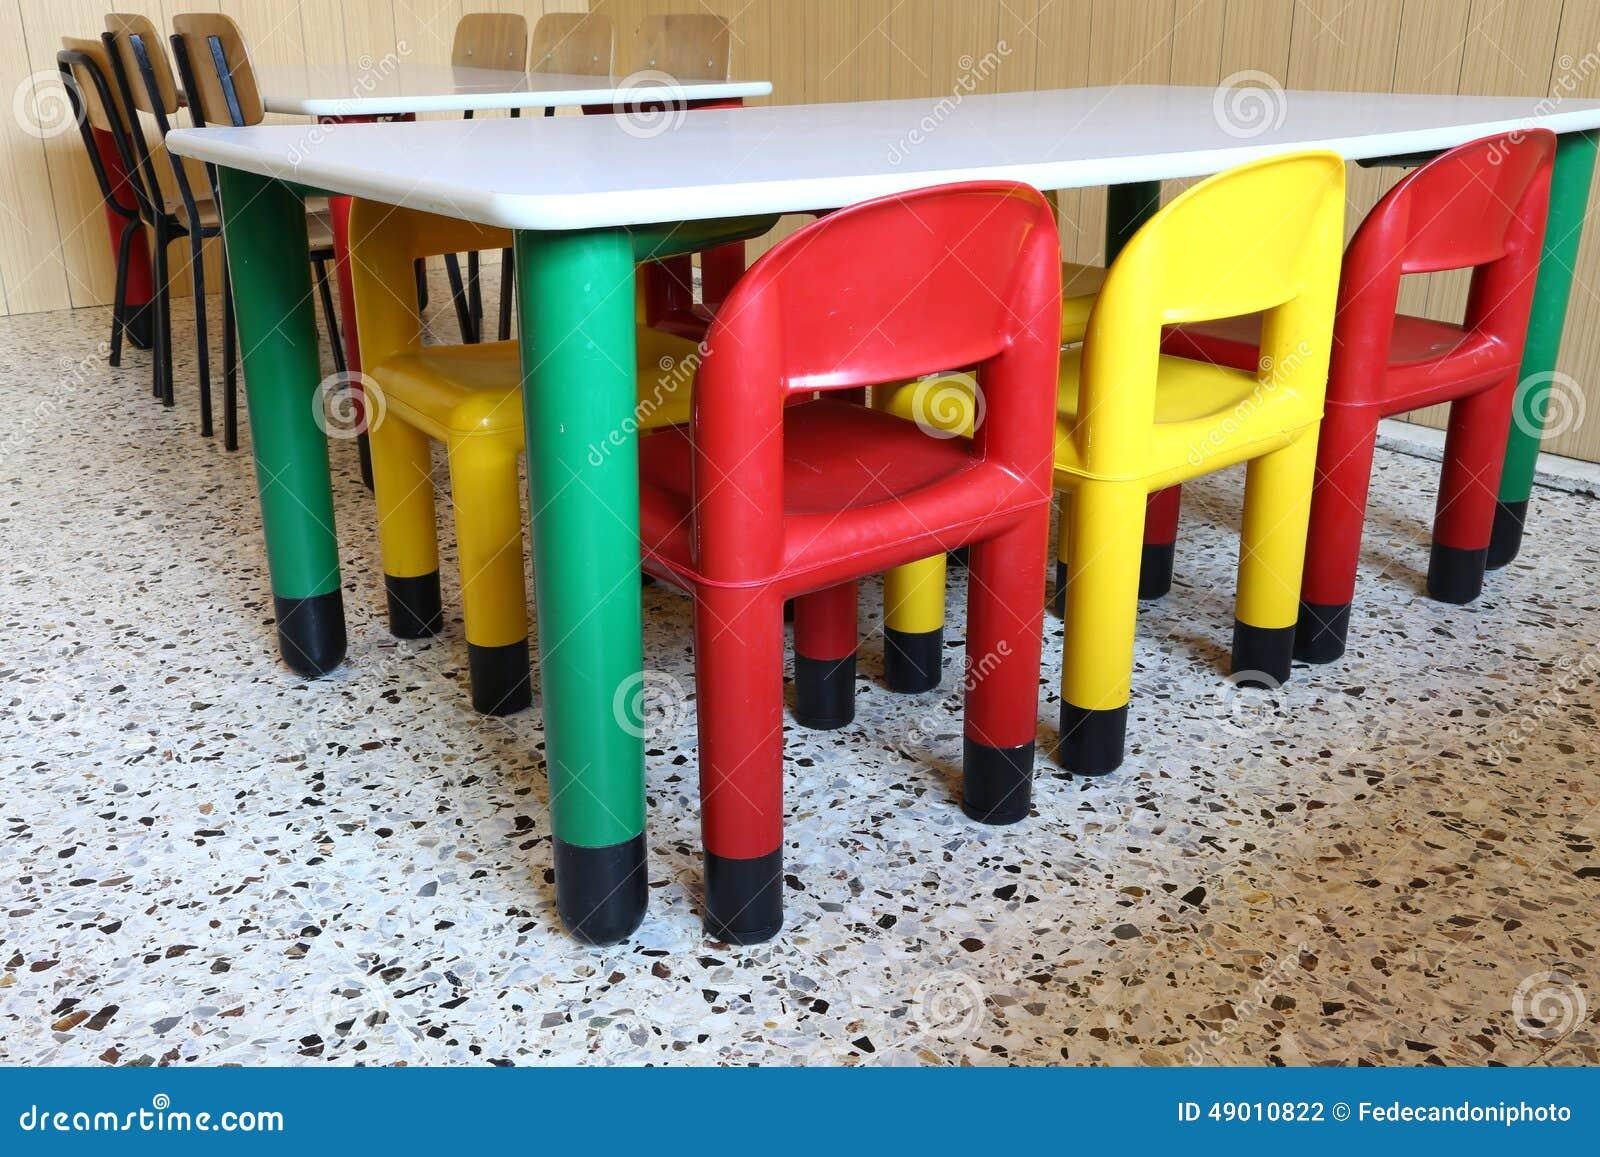 Fabbrica Sedie In Plastica.Sedie Di Plastica E Piccole Tavole Nella Scuola Materna Fotografia